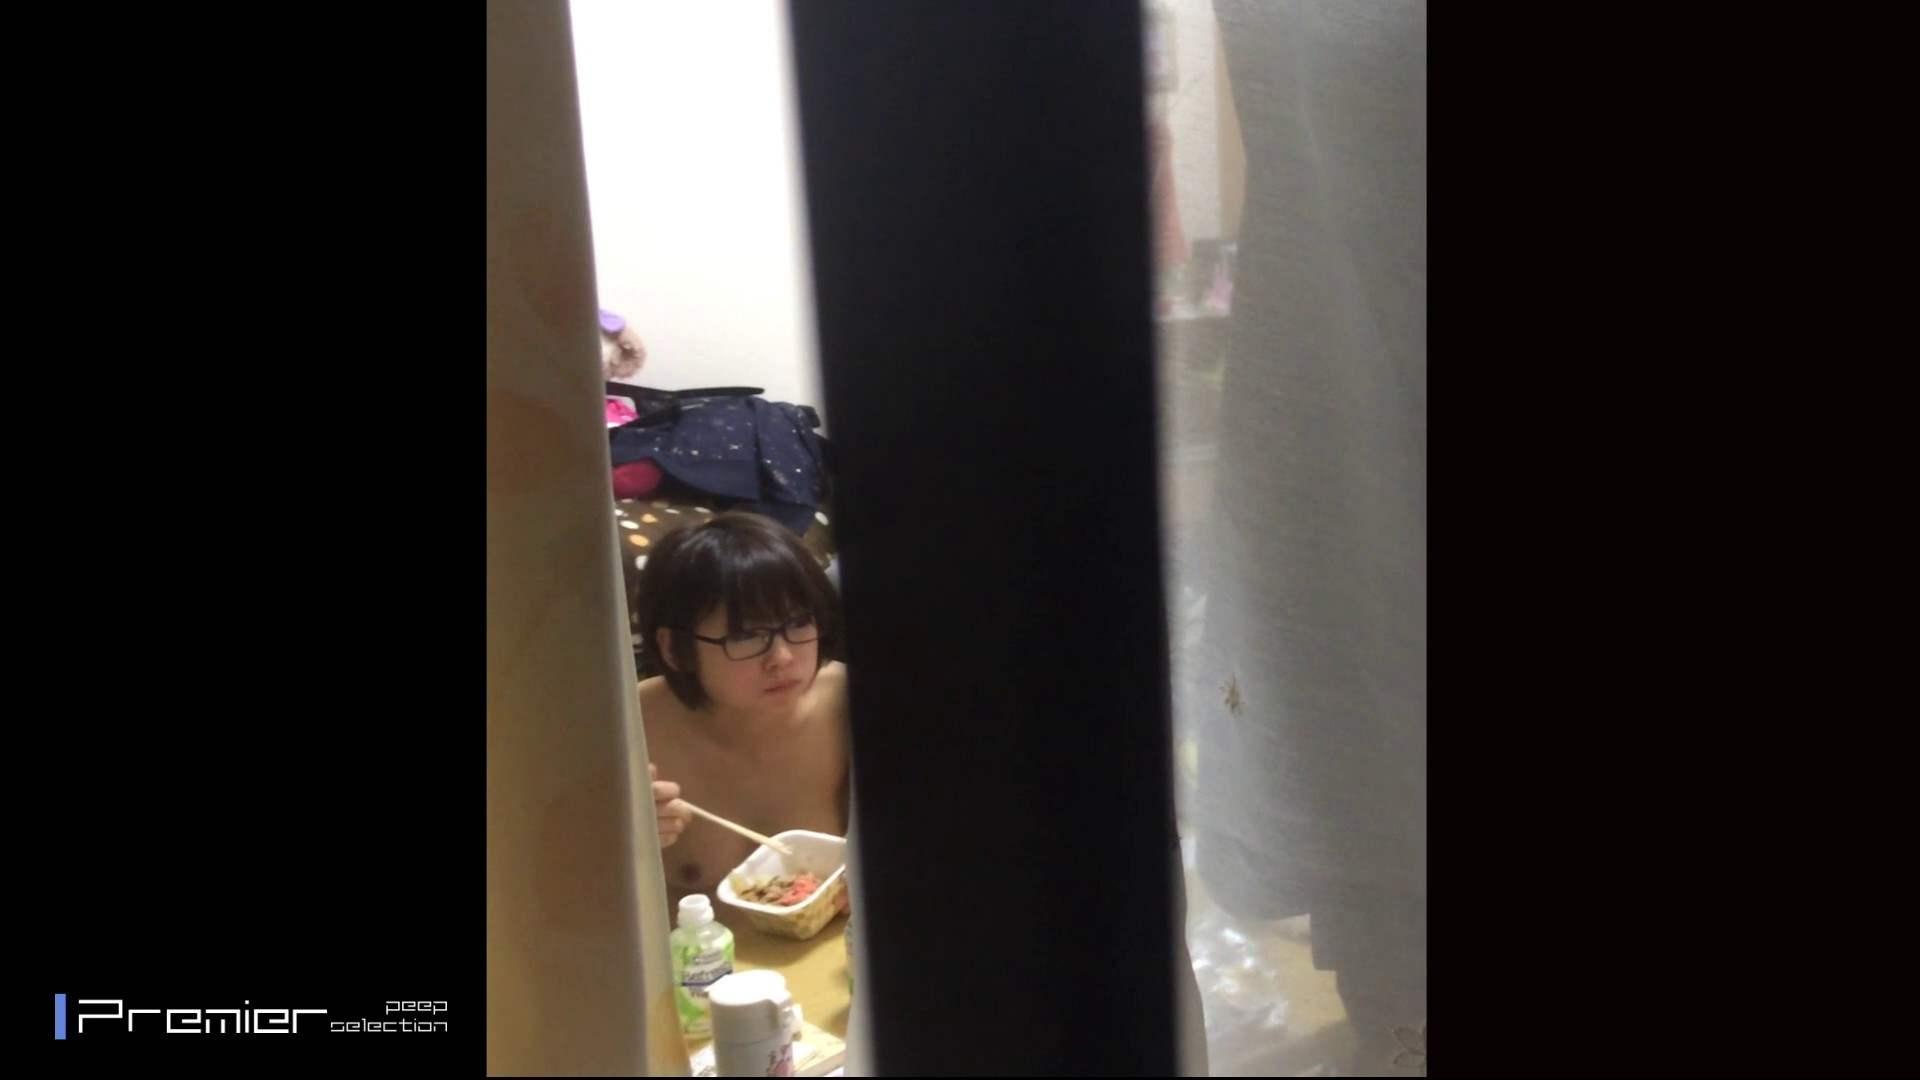 眼鏡美女の食事を隠し撮り 乙女の風呂場 Vol.05 高画質 ワレメ無修正動画無料 96枚 96